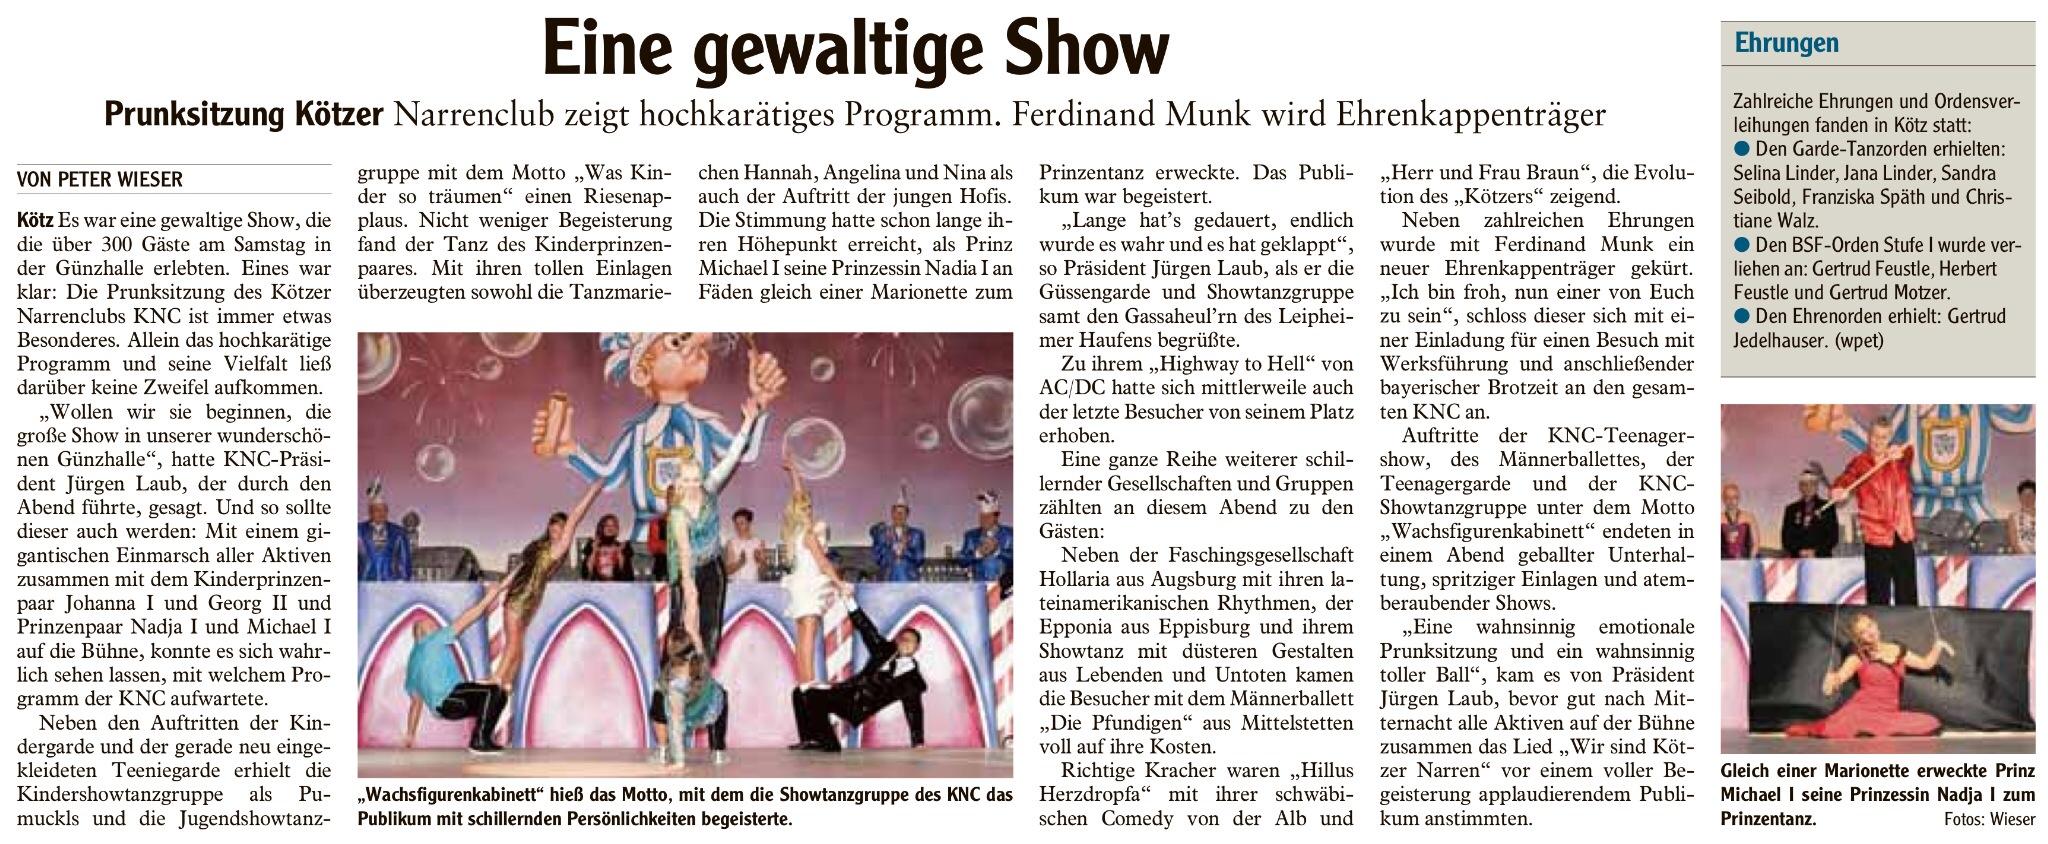 Bericht Prunksitzung Günzburger Zeitung